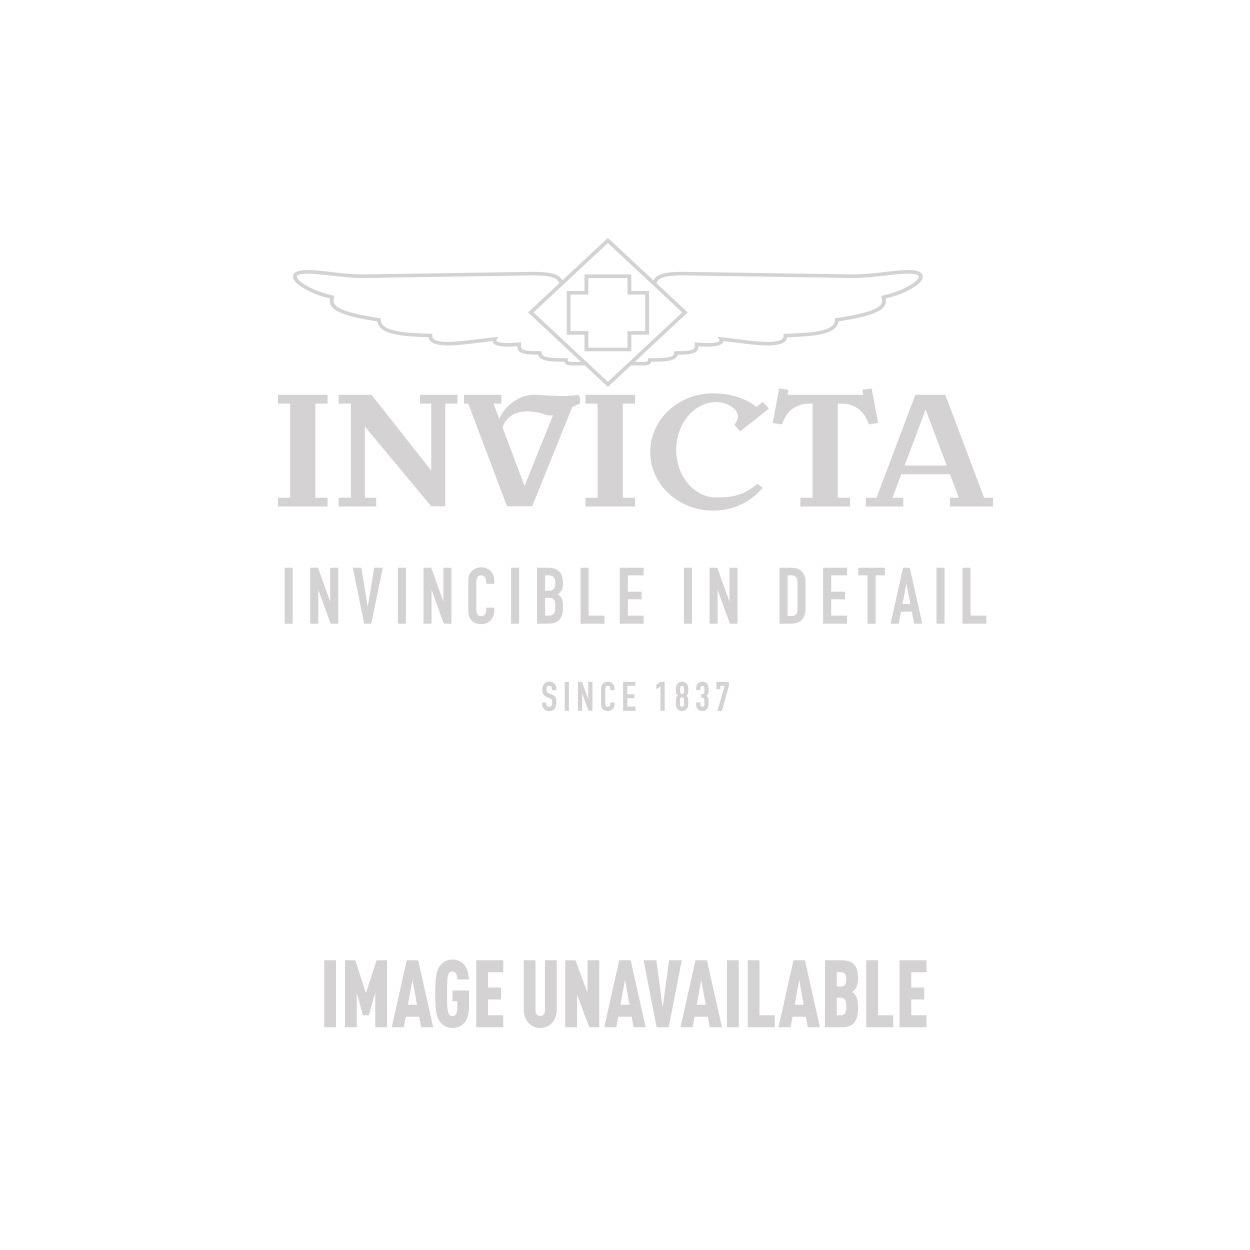 Invicta Model 27132